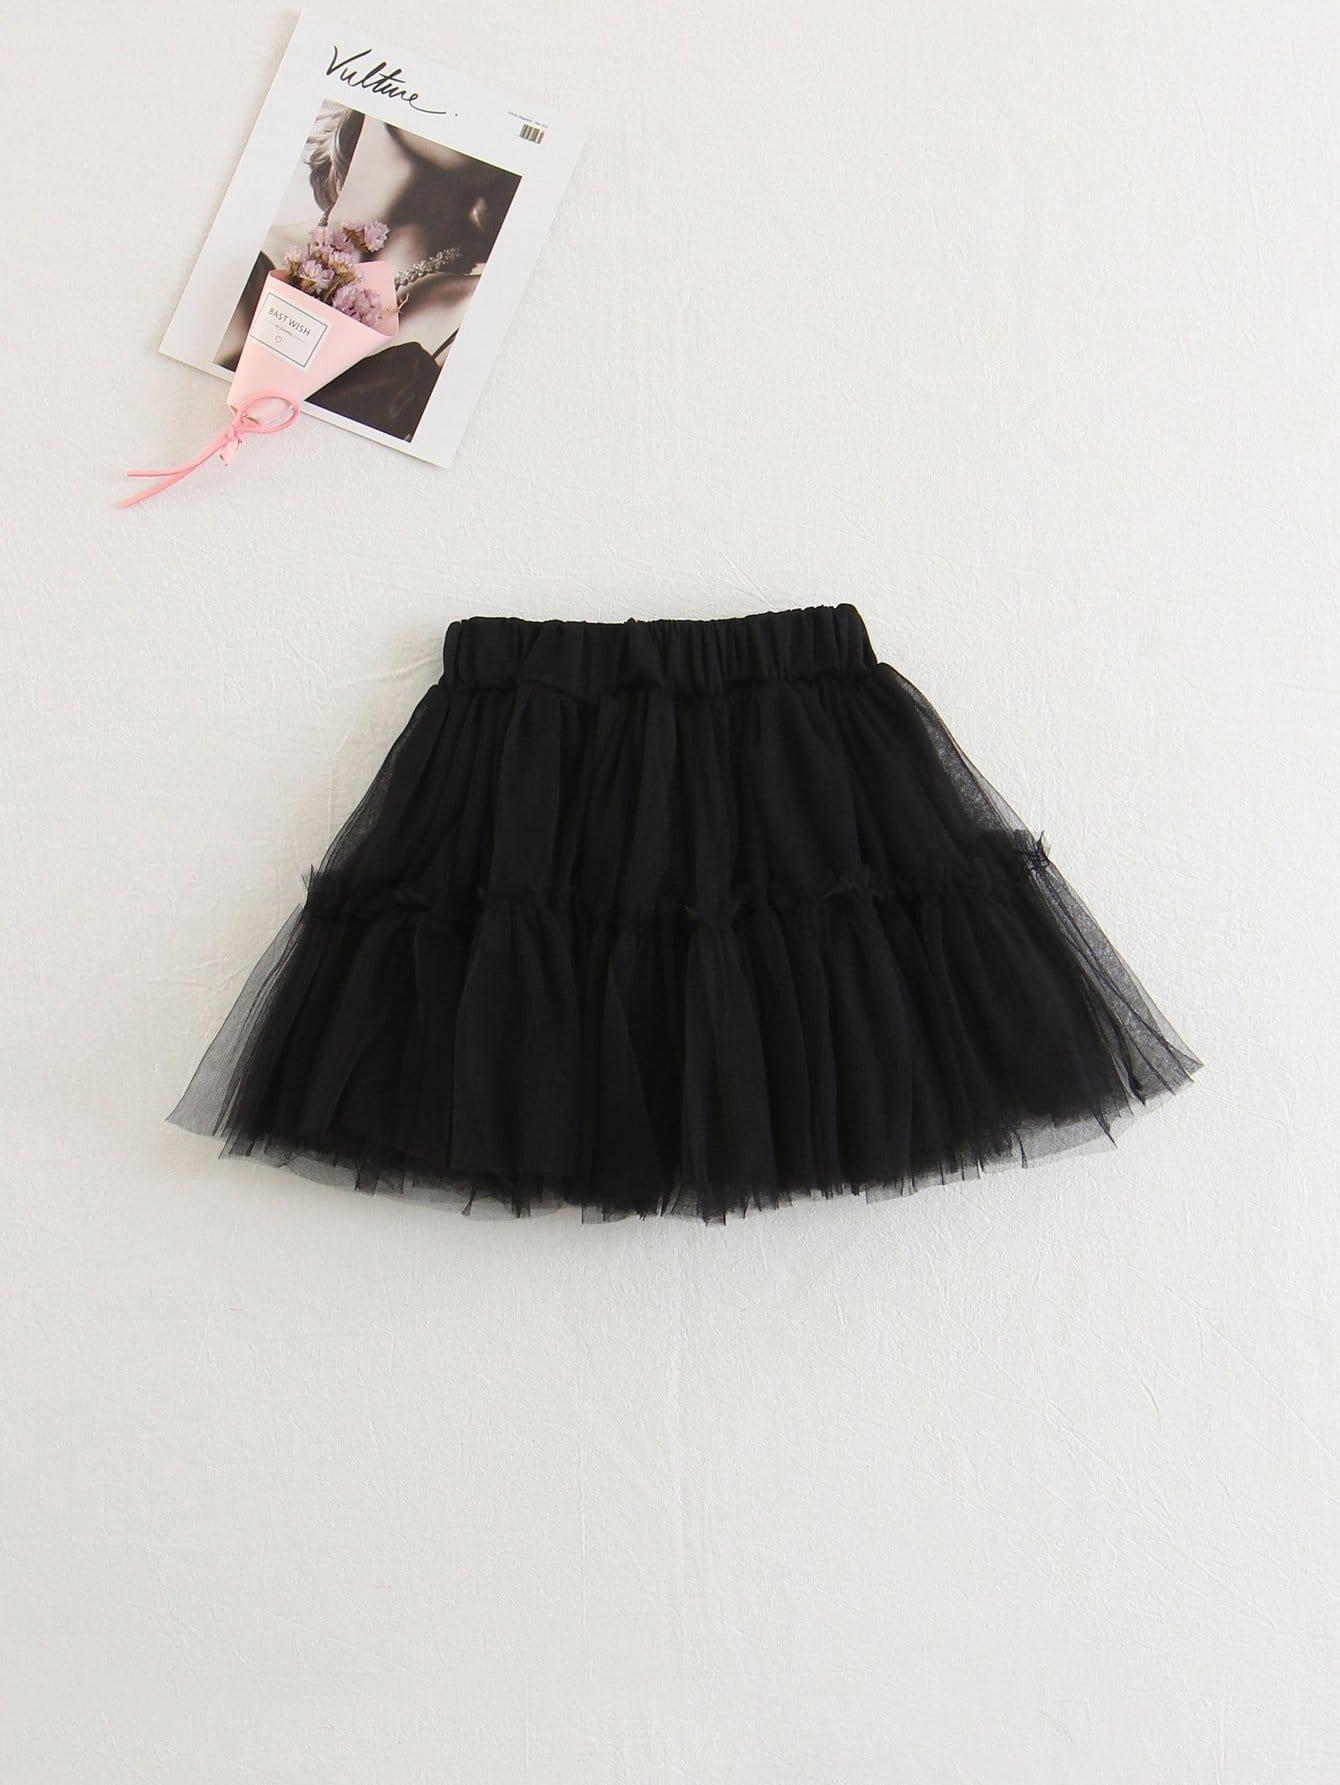 Купить Прозрачная юбка для детей, null, SheIn